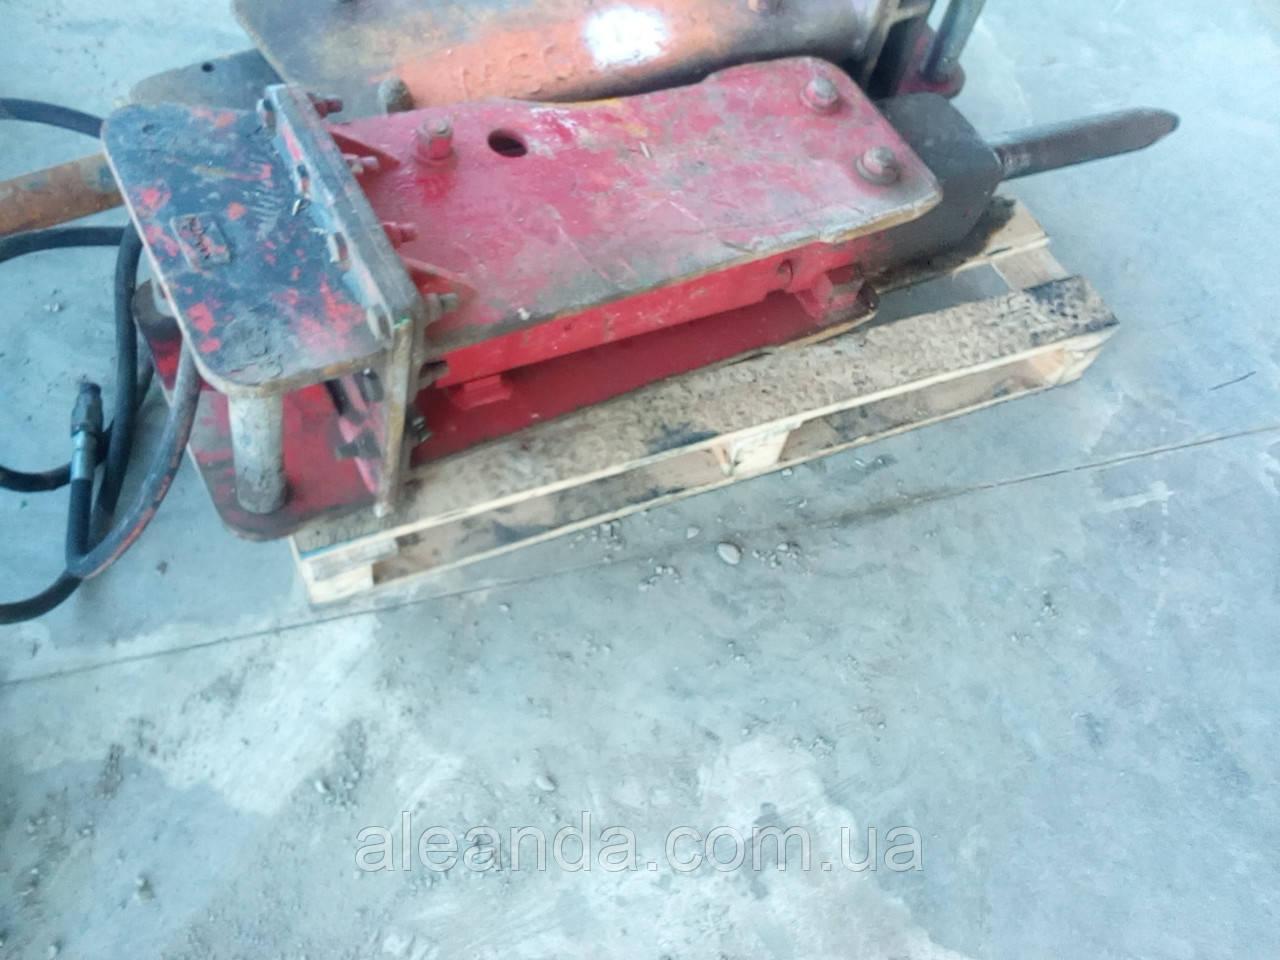 Гидромолот hammer